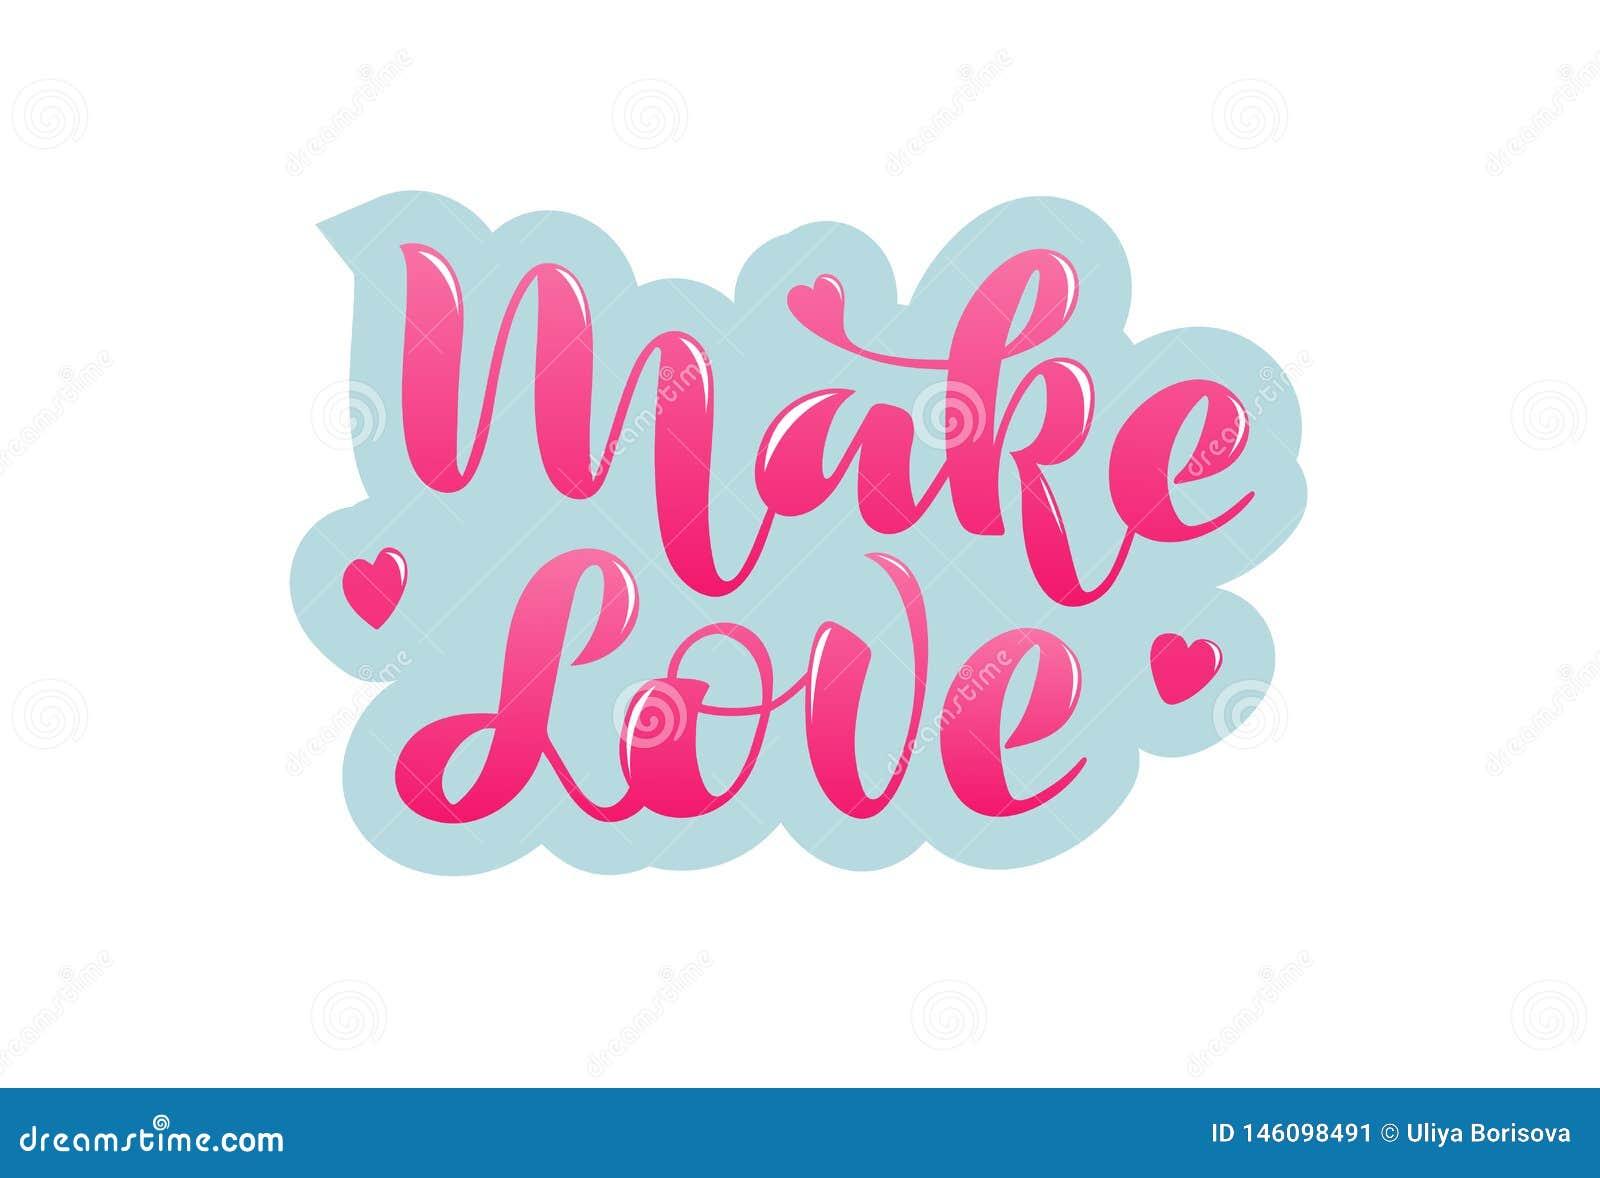 Haga amor la frase manuscrita con poner letras de los corazones